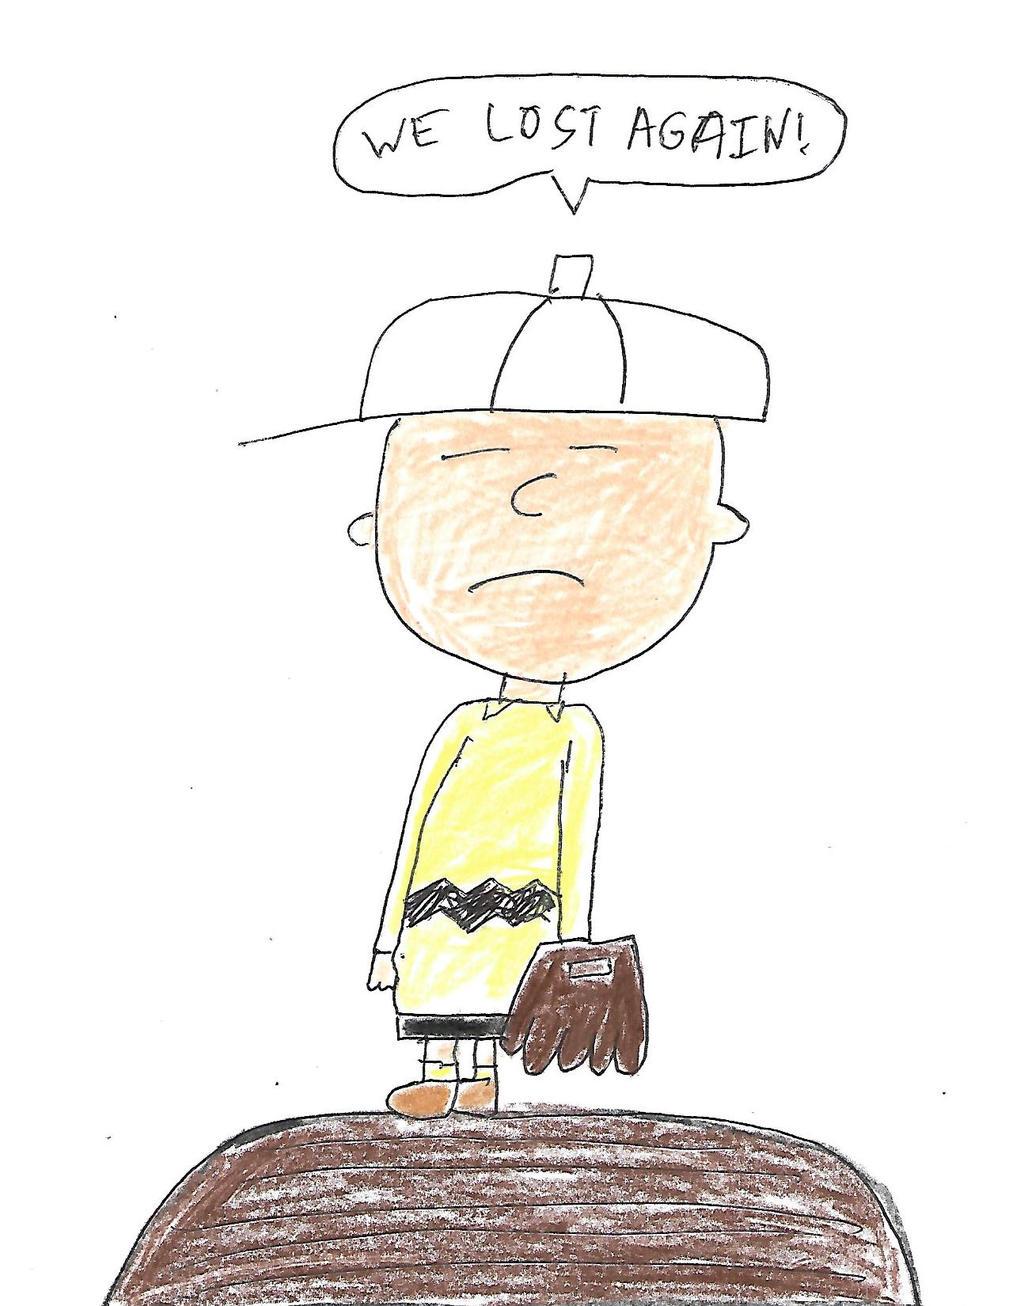 Charlie Brown - We Lost Again by dth1971